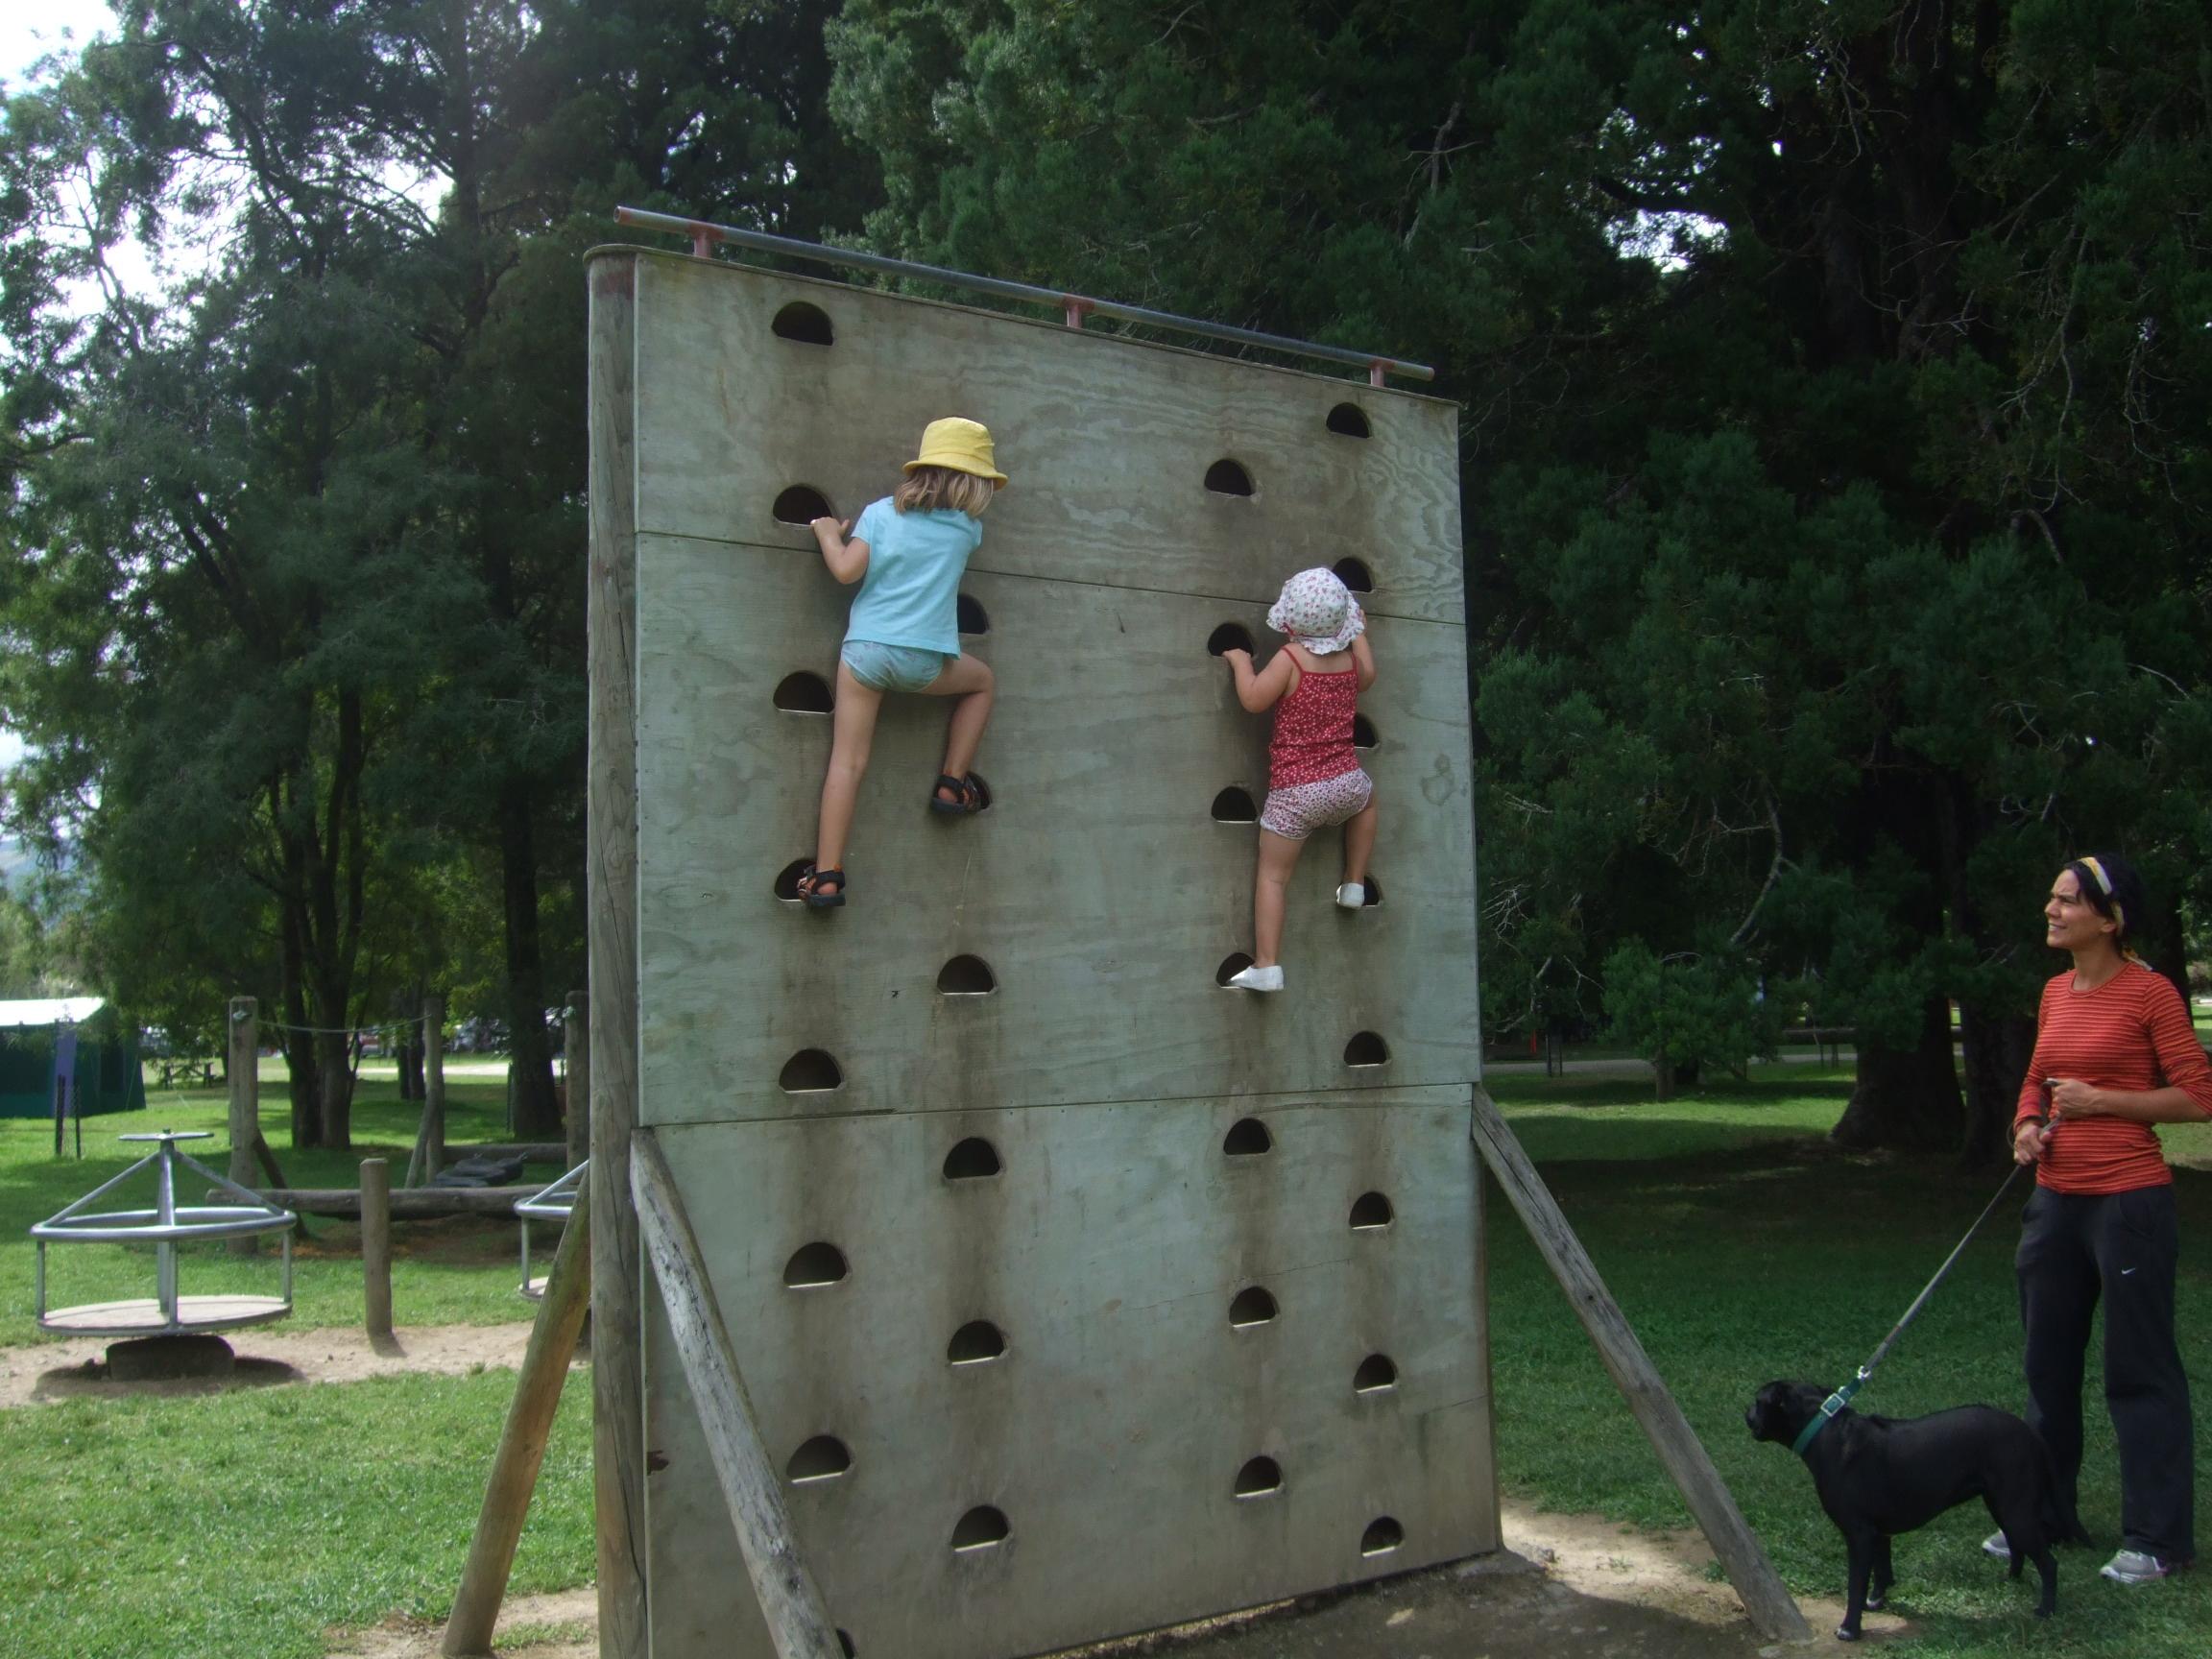 Charlee & Poppy climb the wall